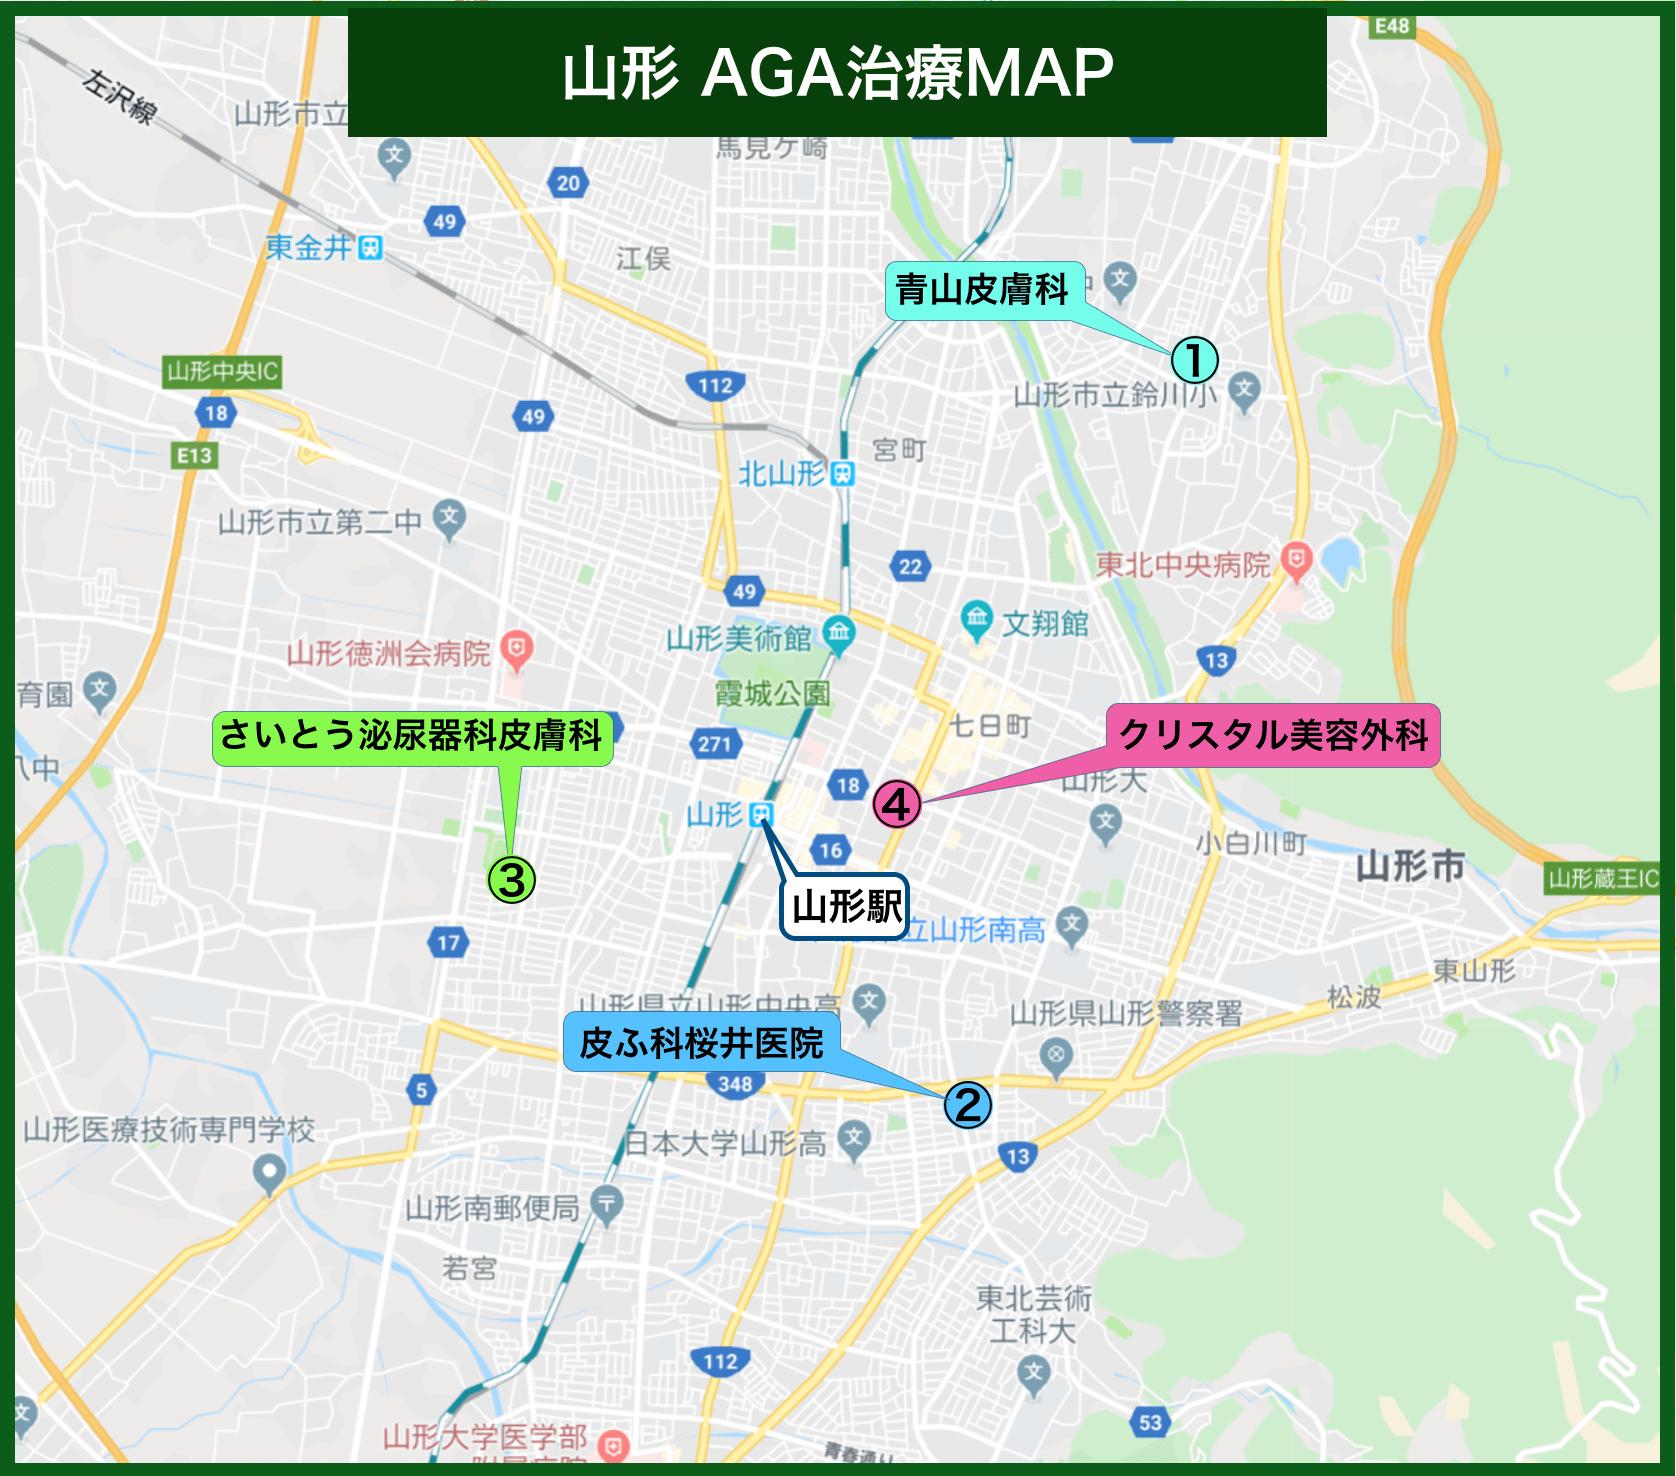 山形AGA治療MAP(2019年版)